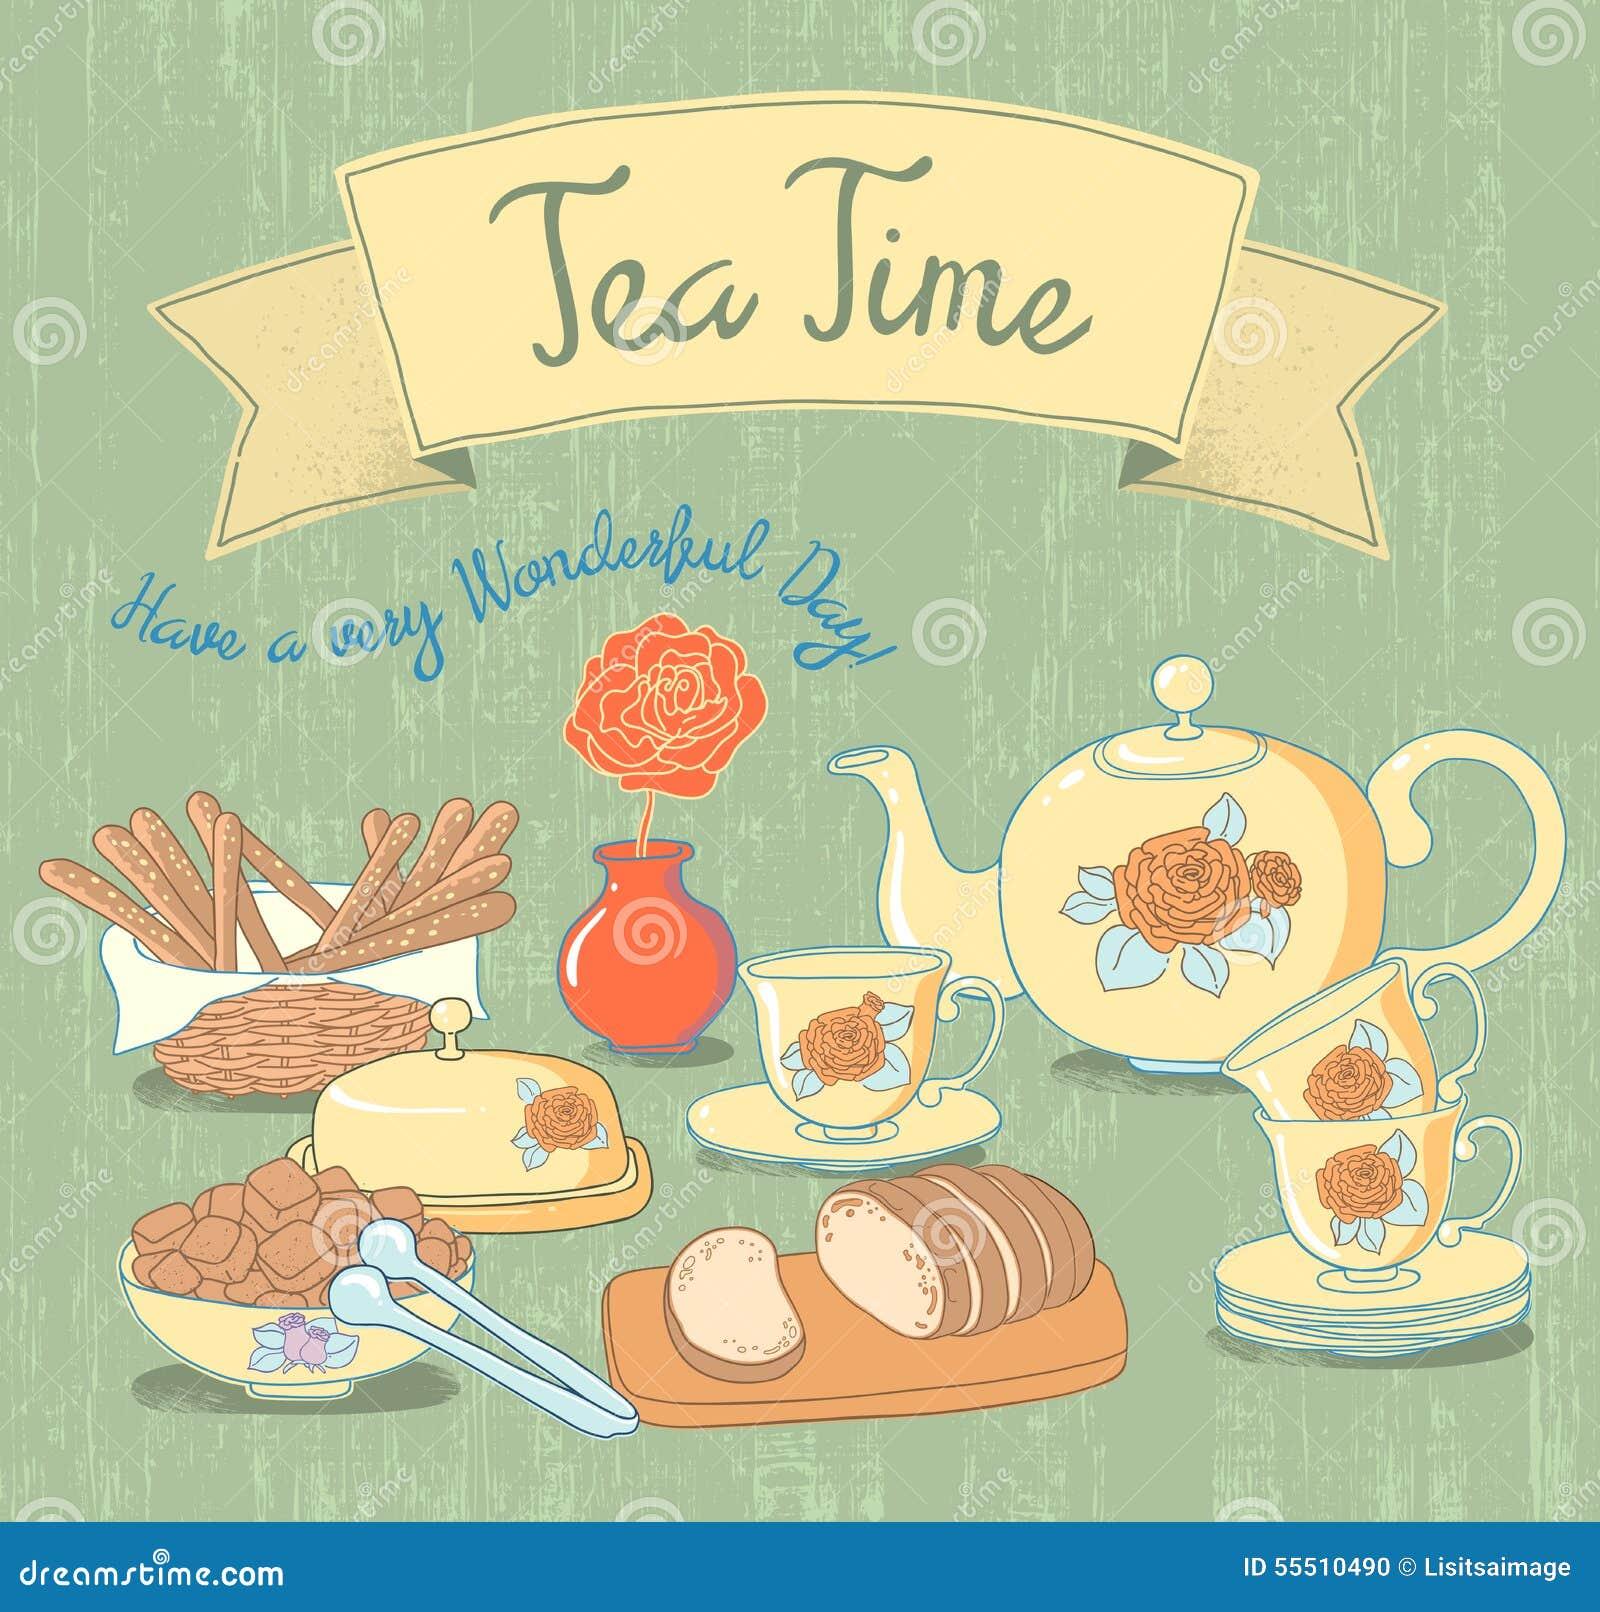 tea time beauty vintage background vector stock illustration image 55510490. Black Bedroom Furniture Sets. Home Design Ideas